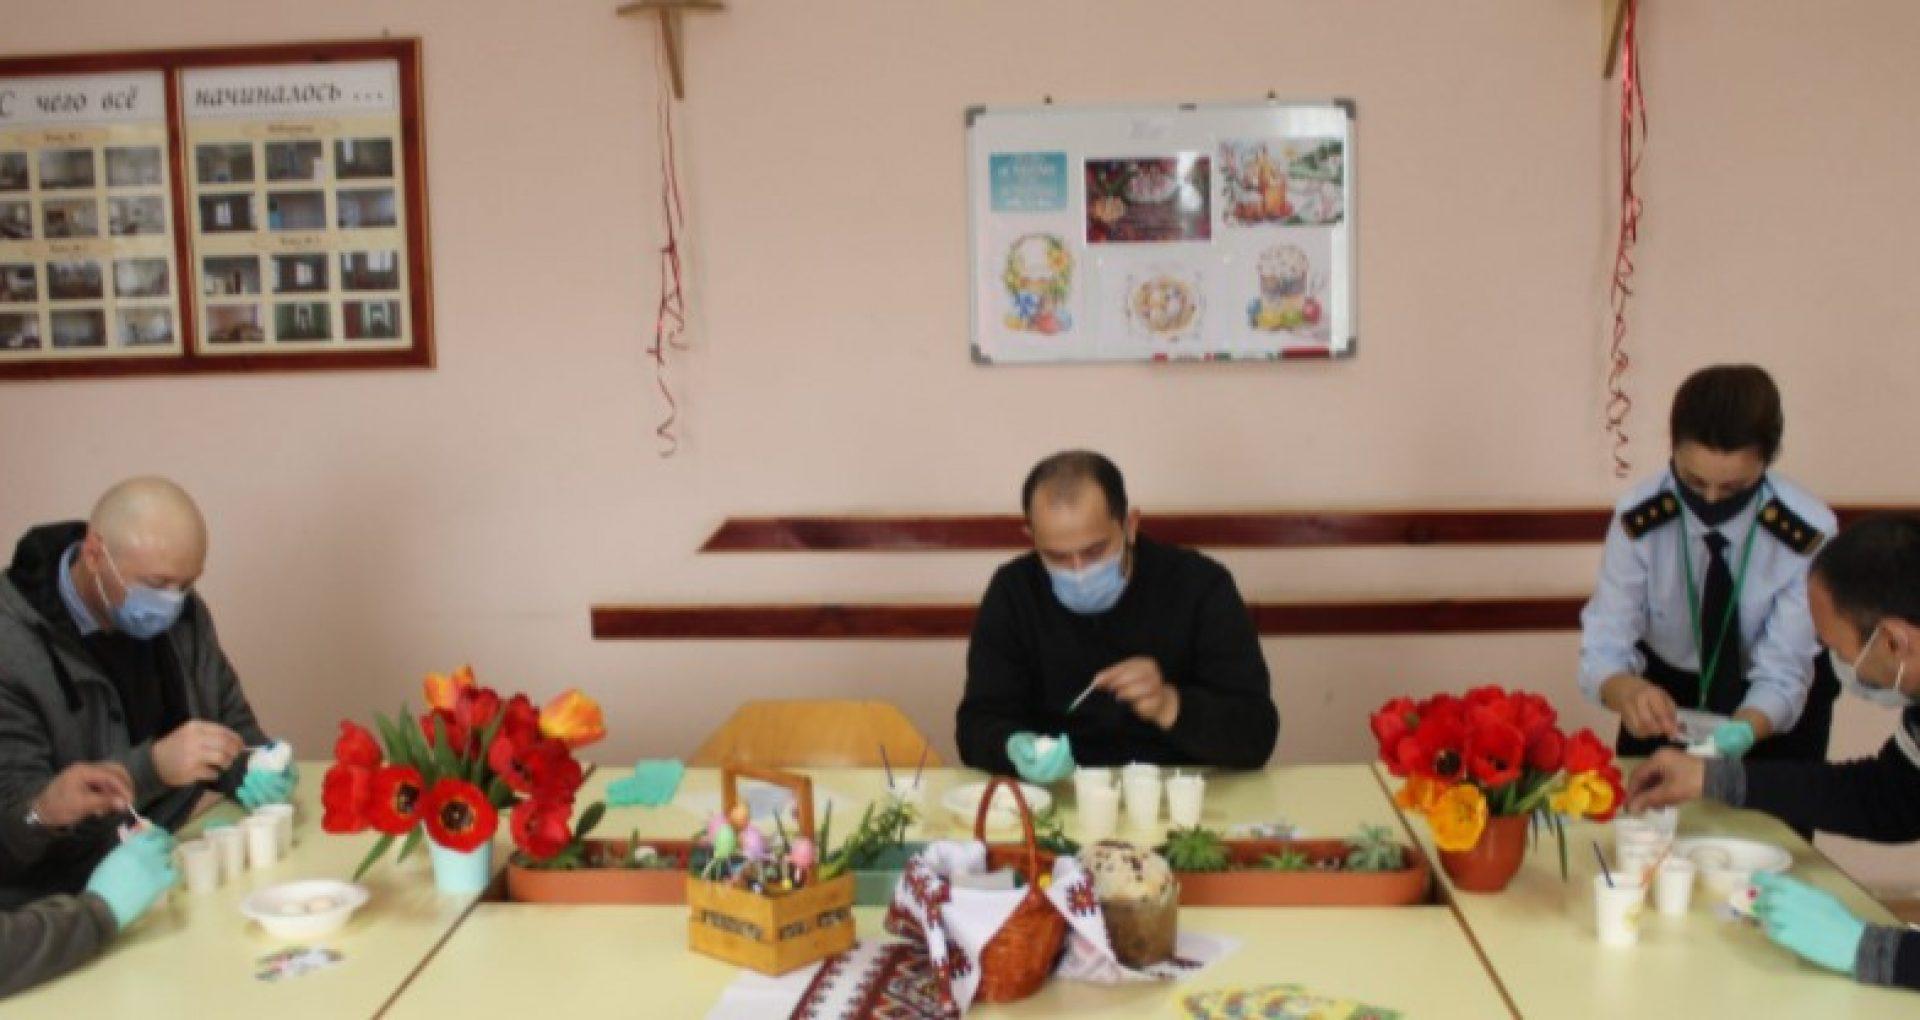 FOTO/ Cum a fost marcat Paștele în penitenciarele din țară – deținuții au asistat la slujbă și au avut parte de un meniu special